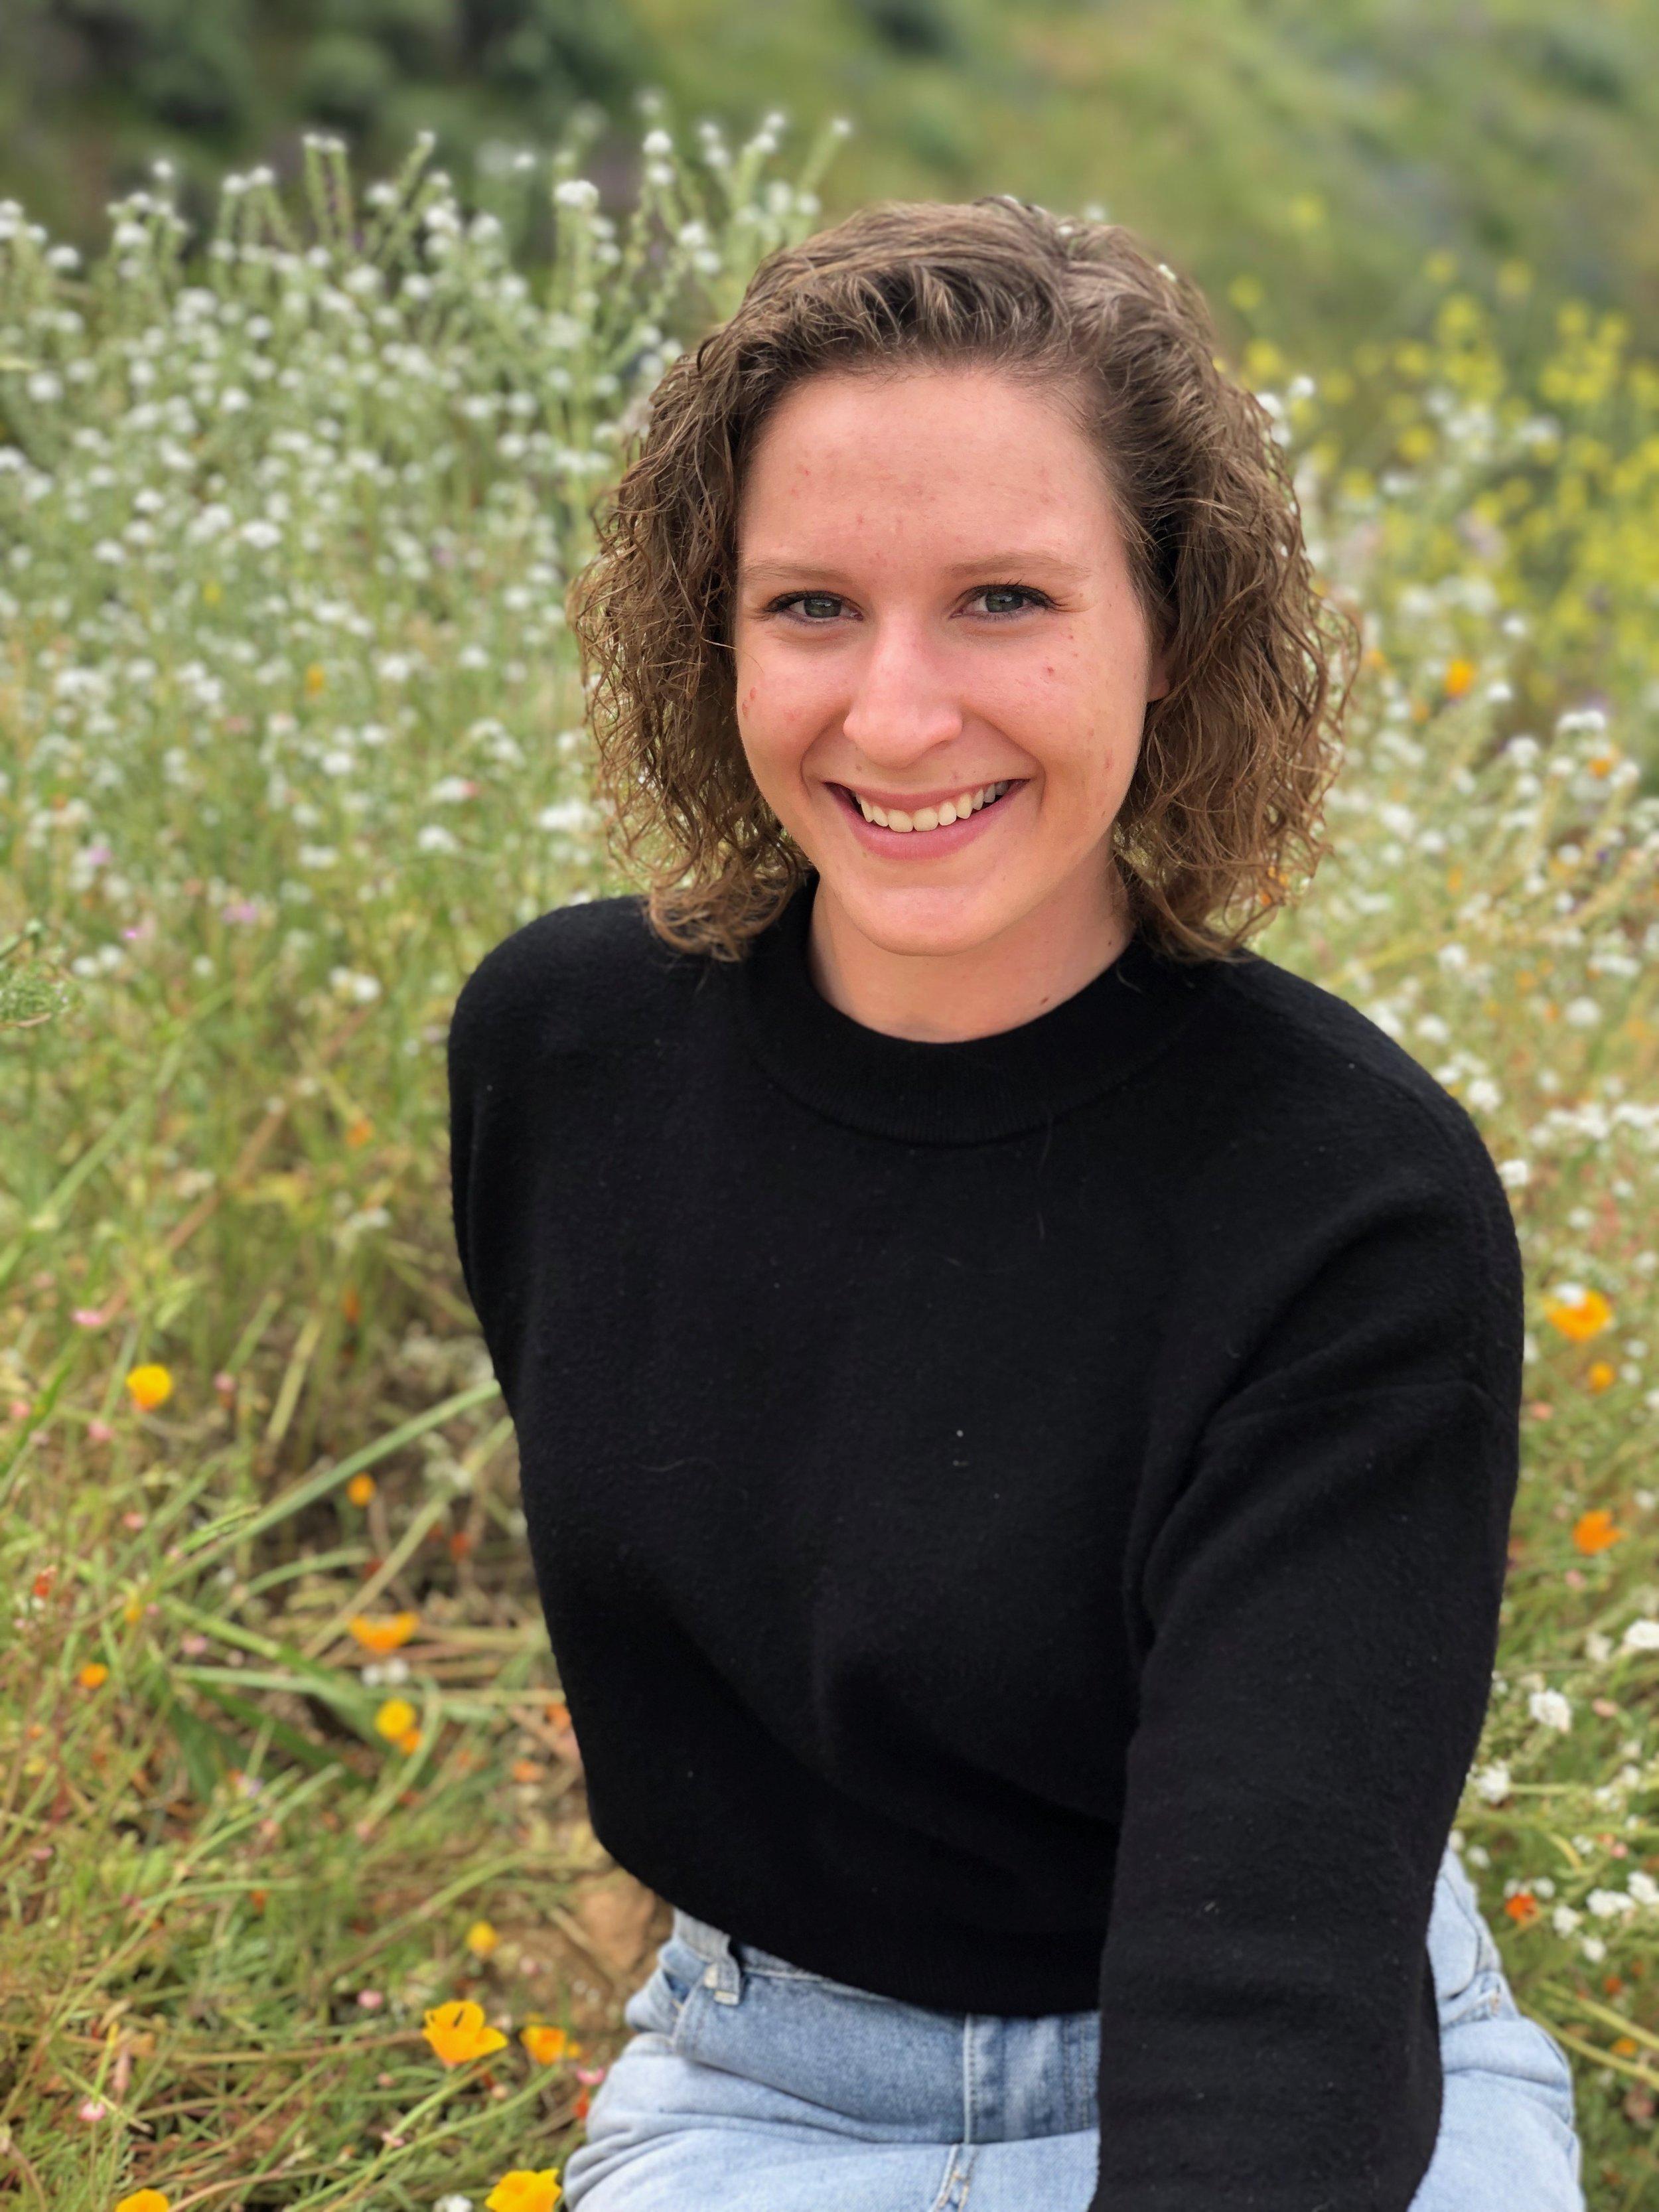 Rachel Garner   Director of Community Relations